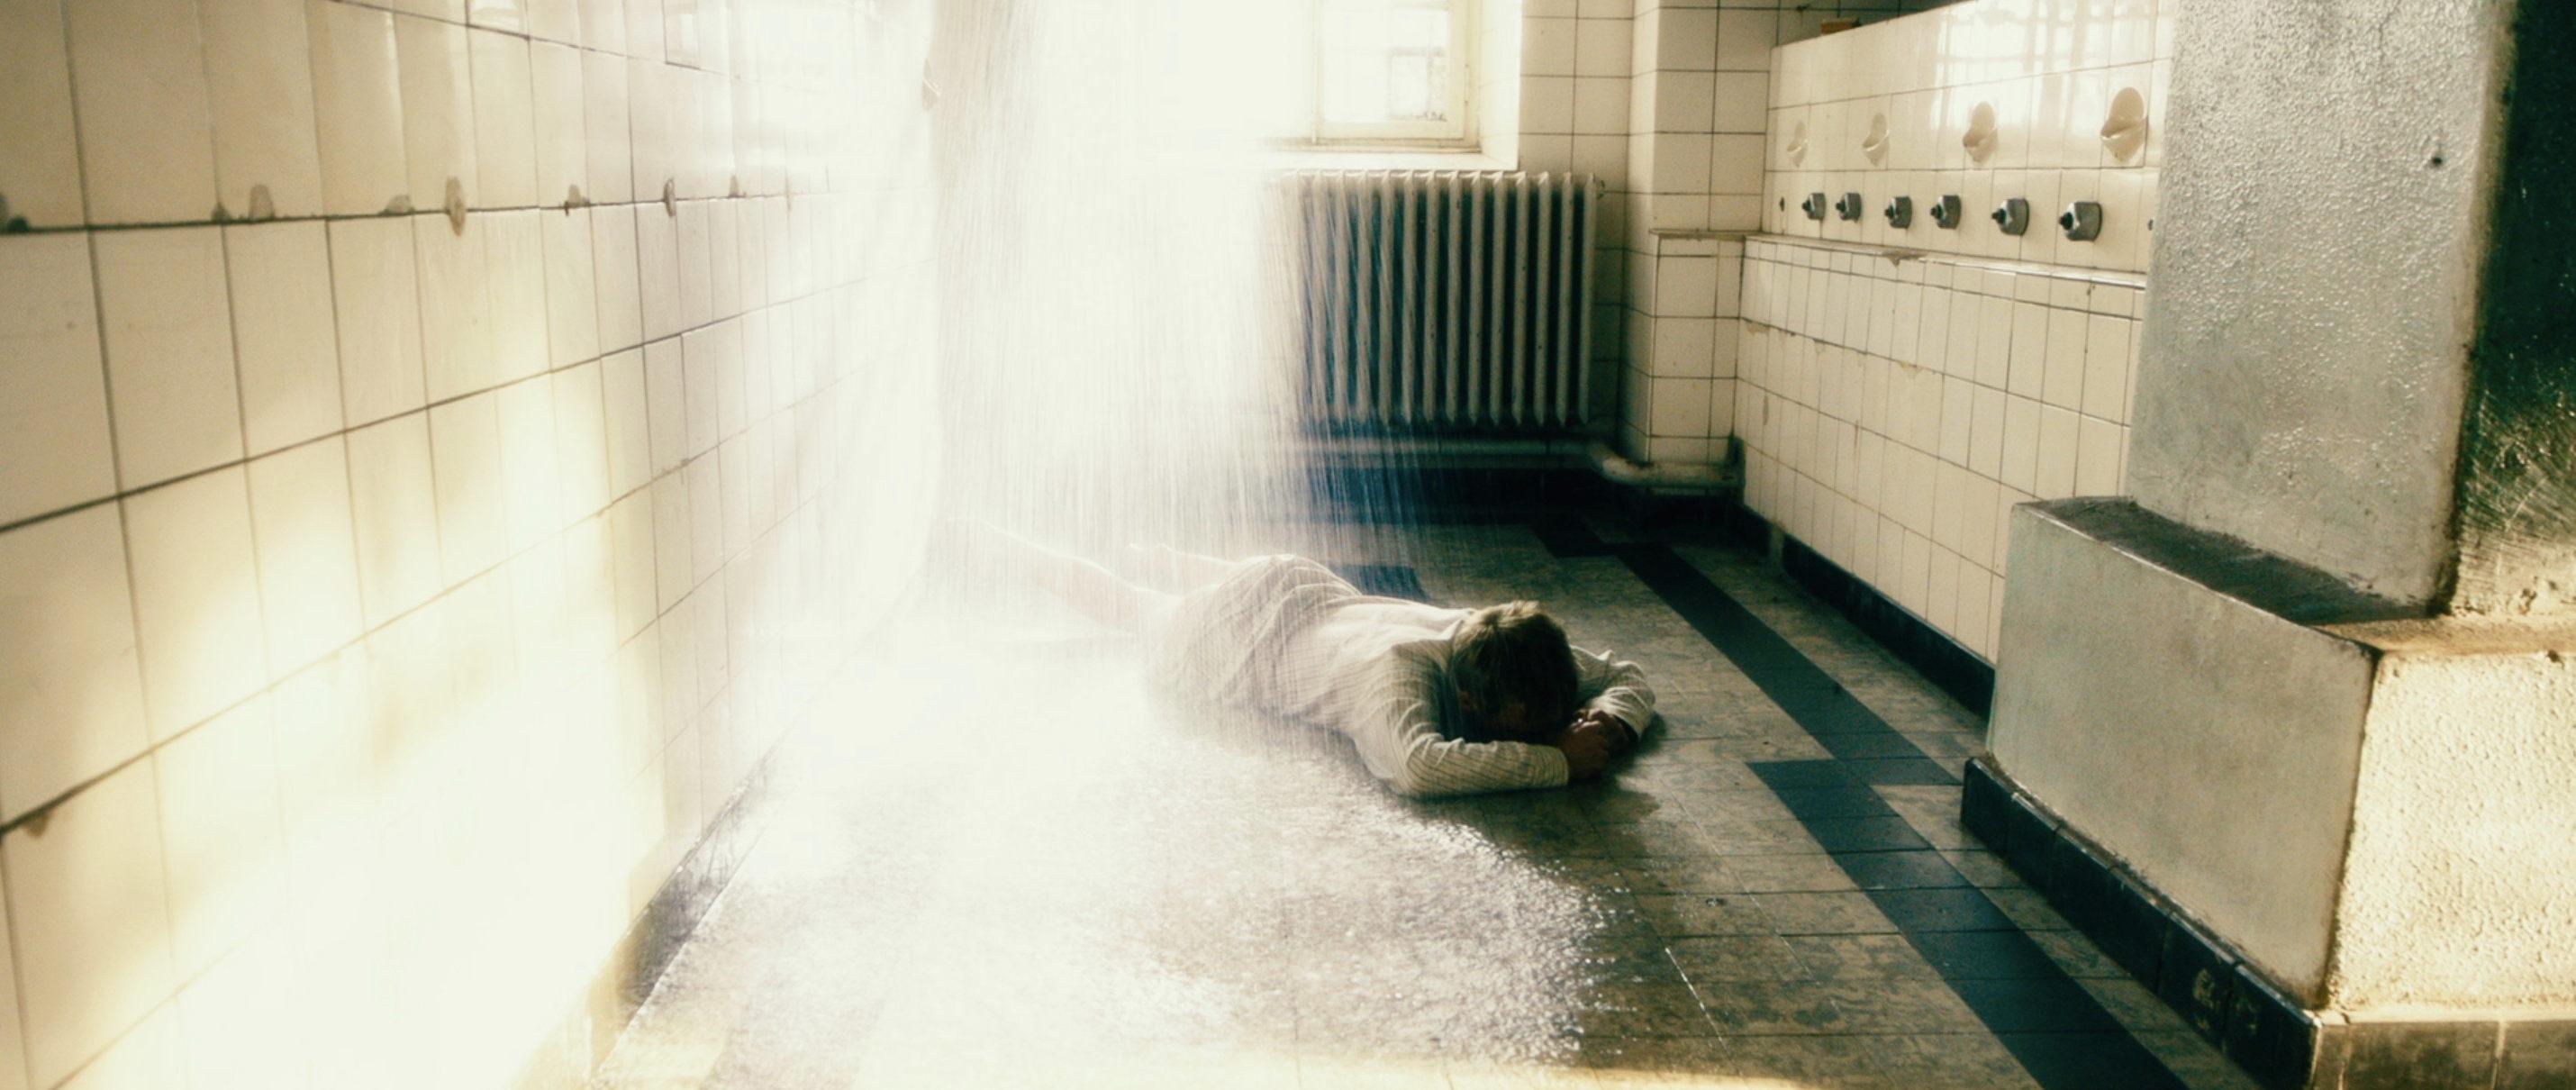 Freistatt - Misshandlung - Wolfgang liegt auf dem Boden - Regie Marc Brummund - Kamera Judith Kaufmann